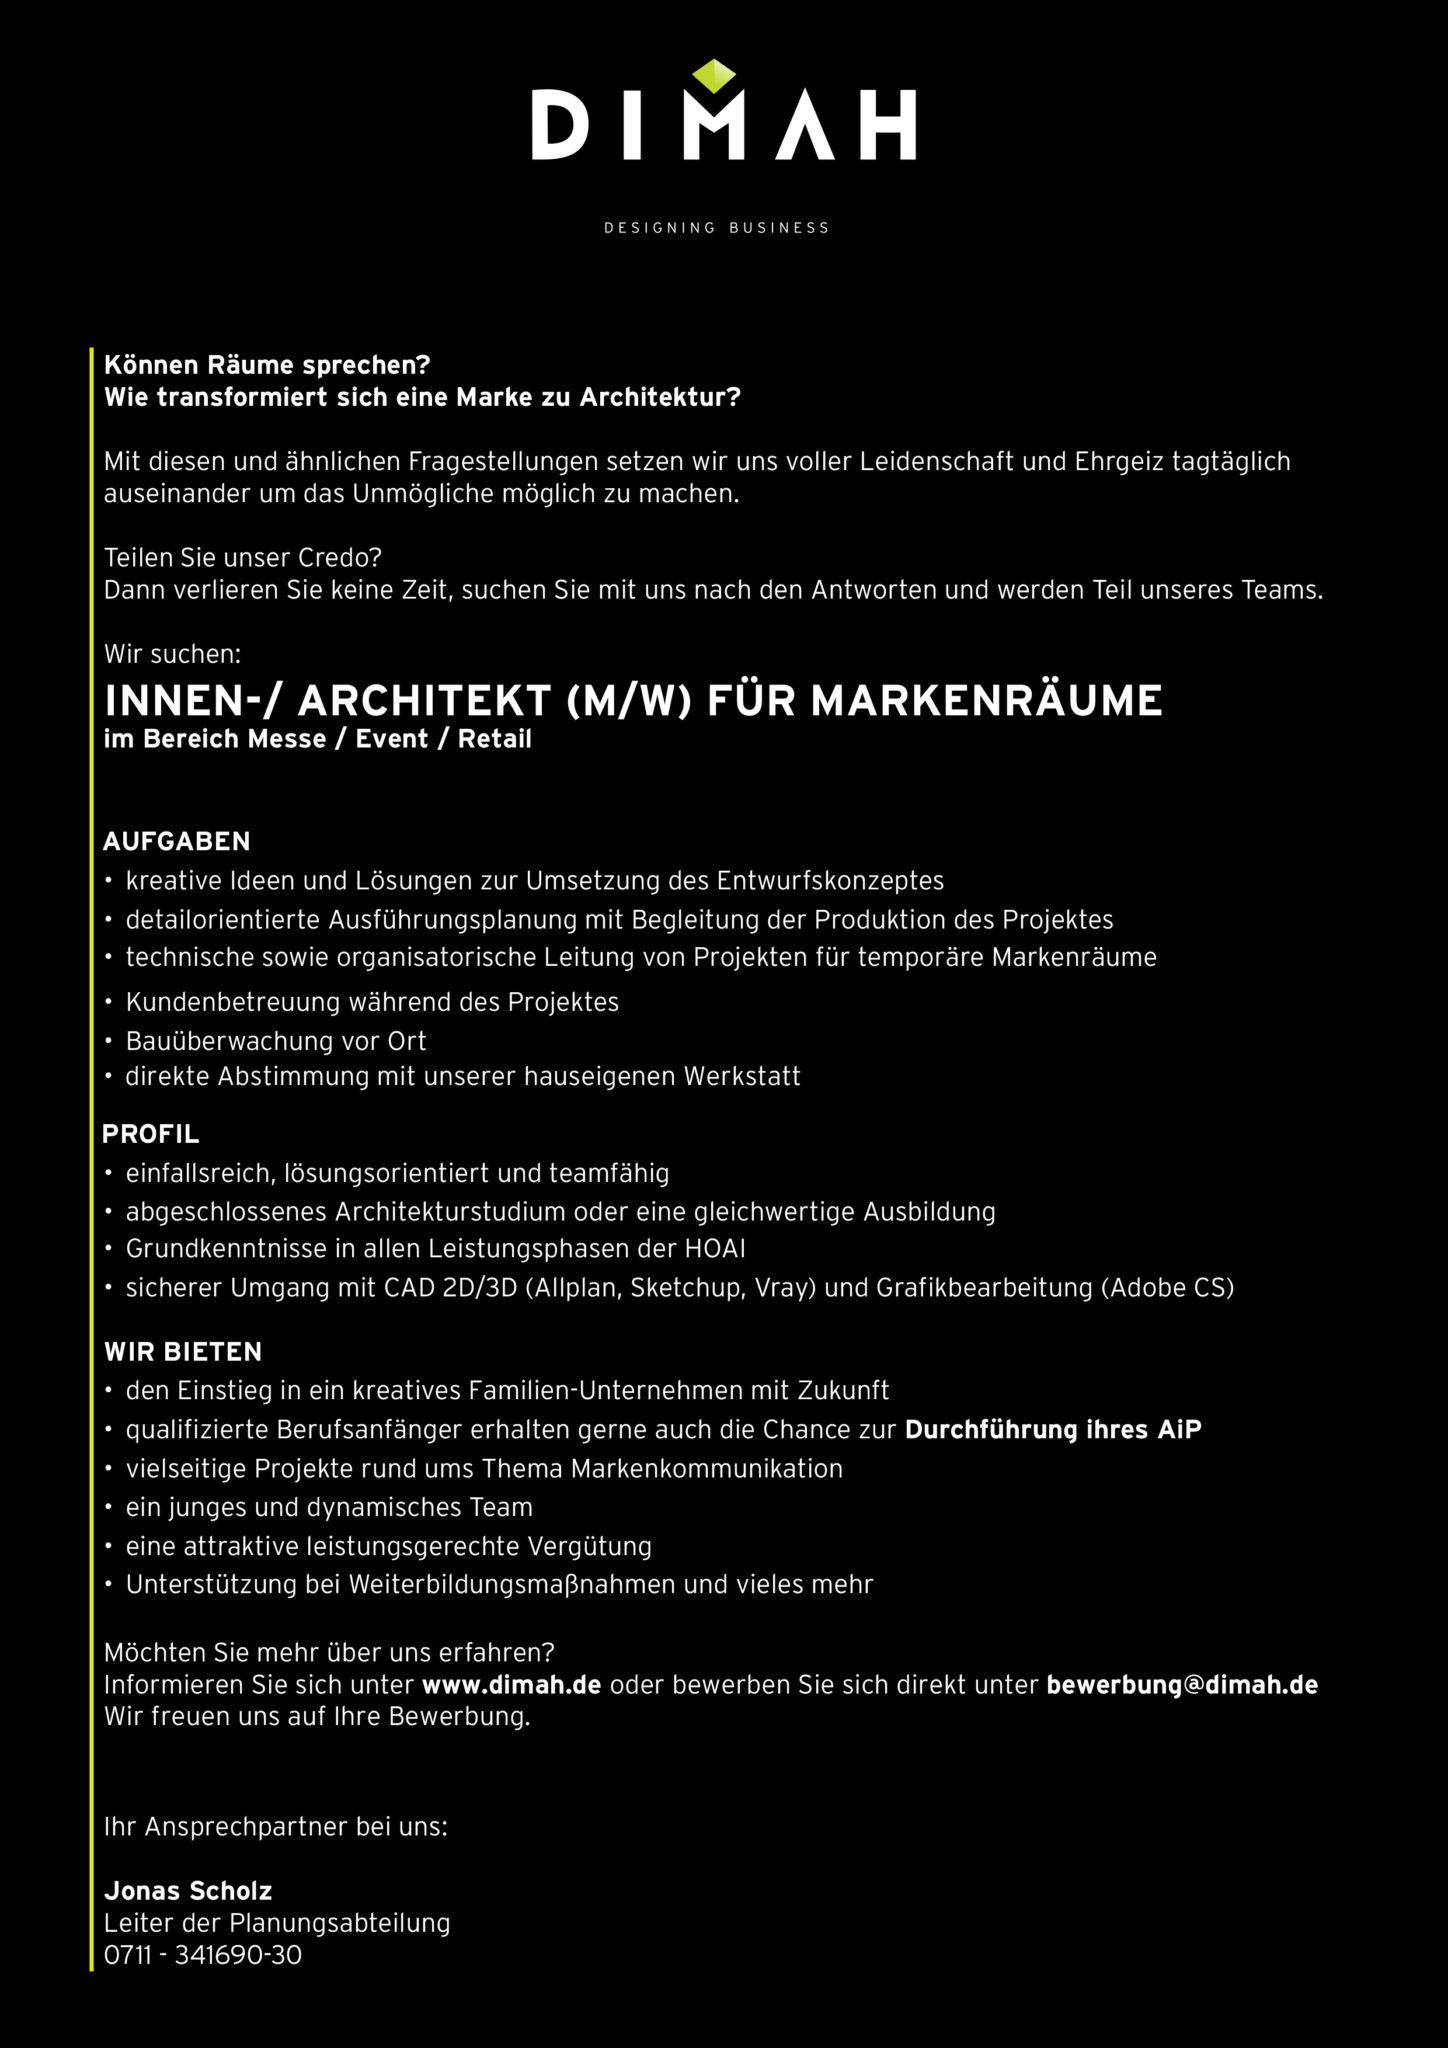 Wunderbar Architekt Suchen Beste Wahl Wir Einen Für Markenräume (m/w)